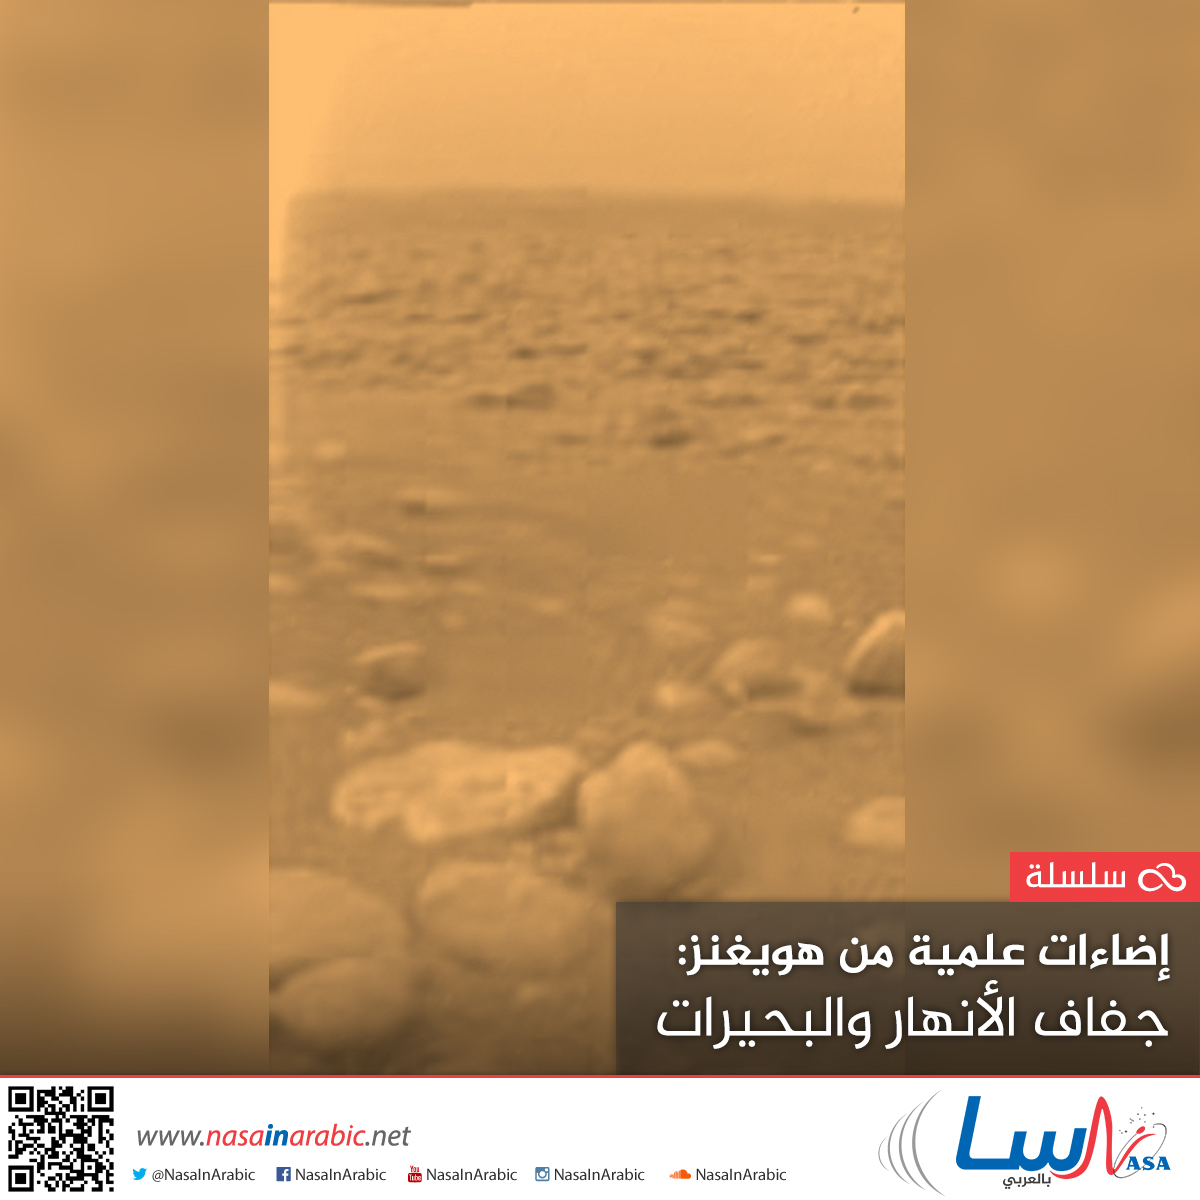 إضاءات علمية من هويغنز: جفاف الأنهار والبحيرات